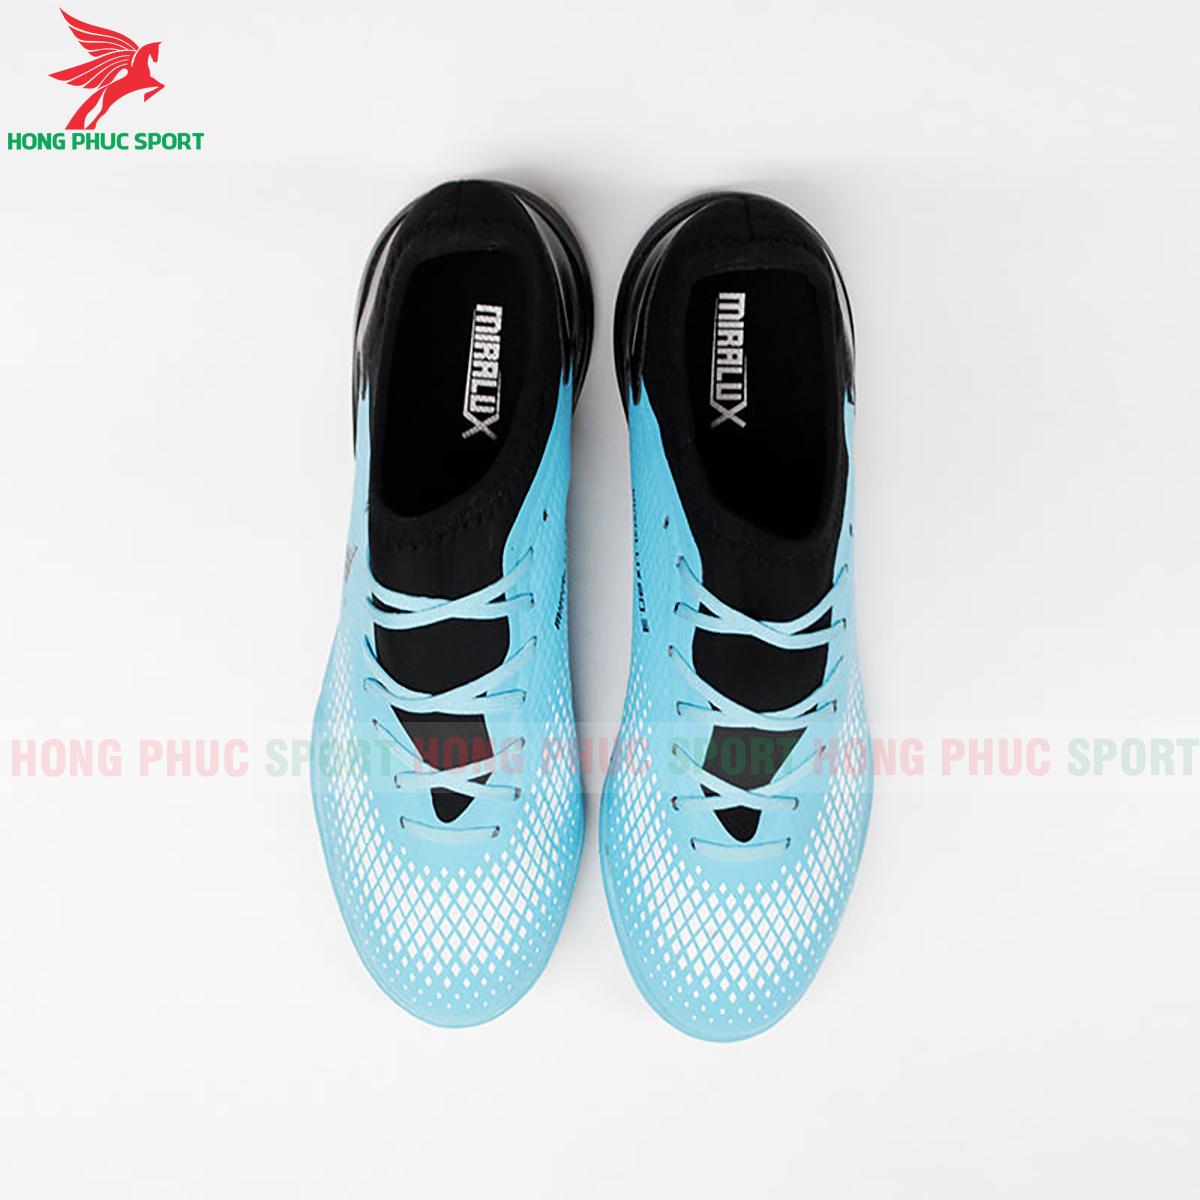 Giày Mira Lux 20.3 sân cỏ nhân tạo xanh ngọc phối đen (trước)